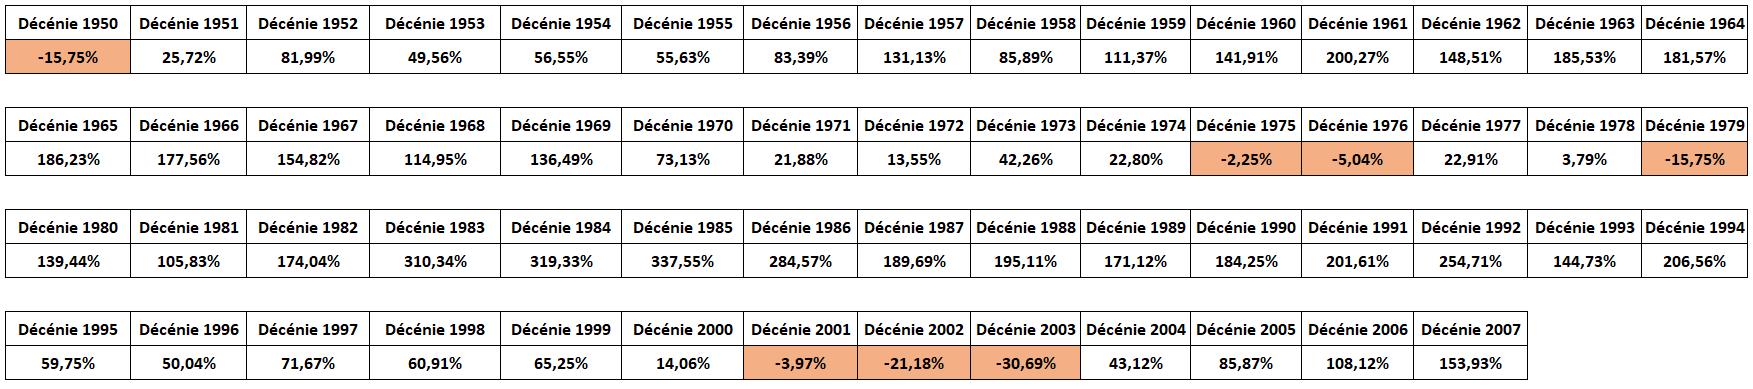 gagner argent bourse gains historiques S&P500